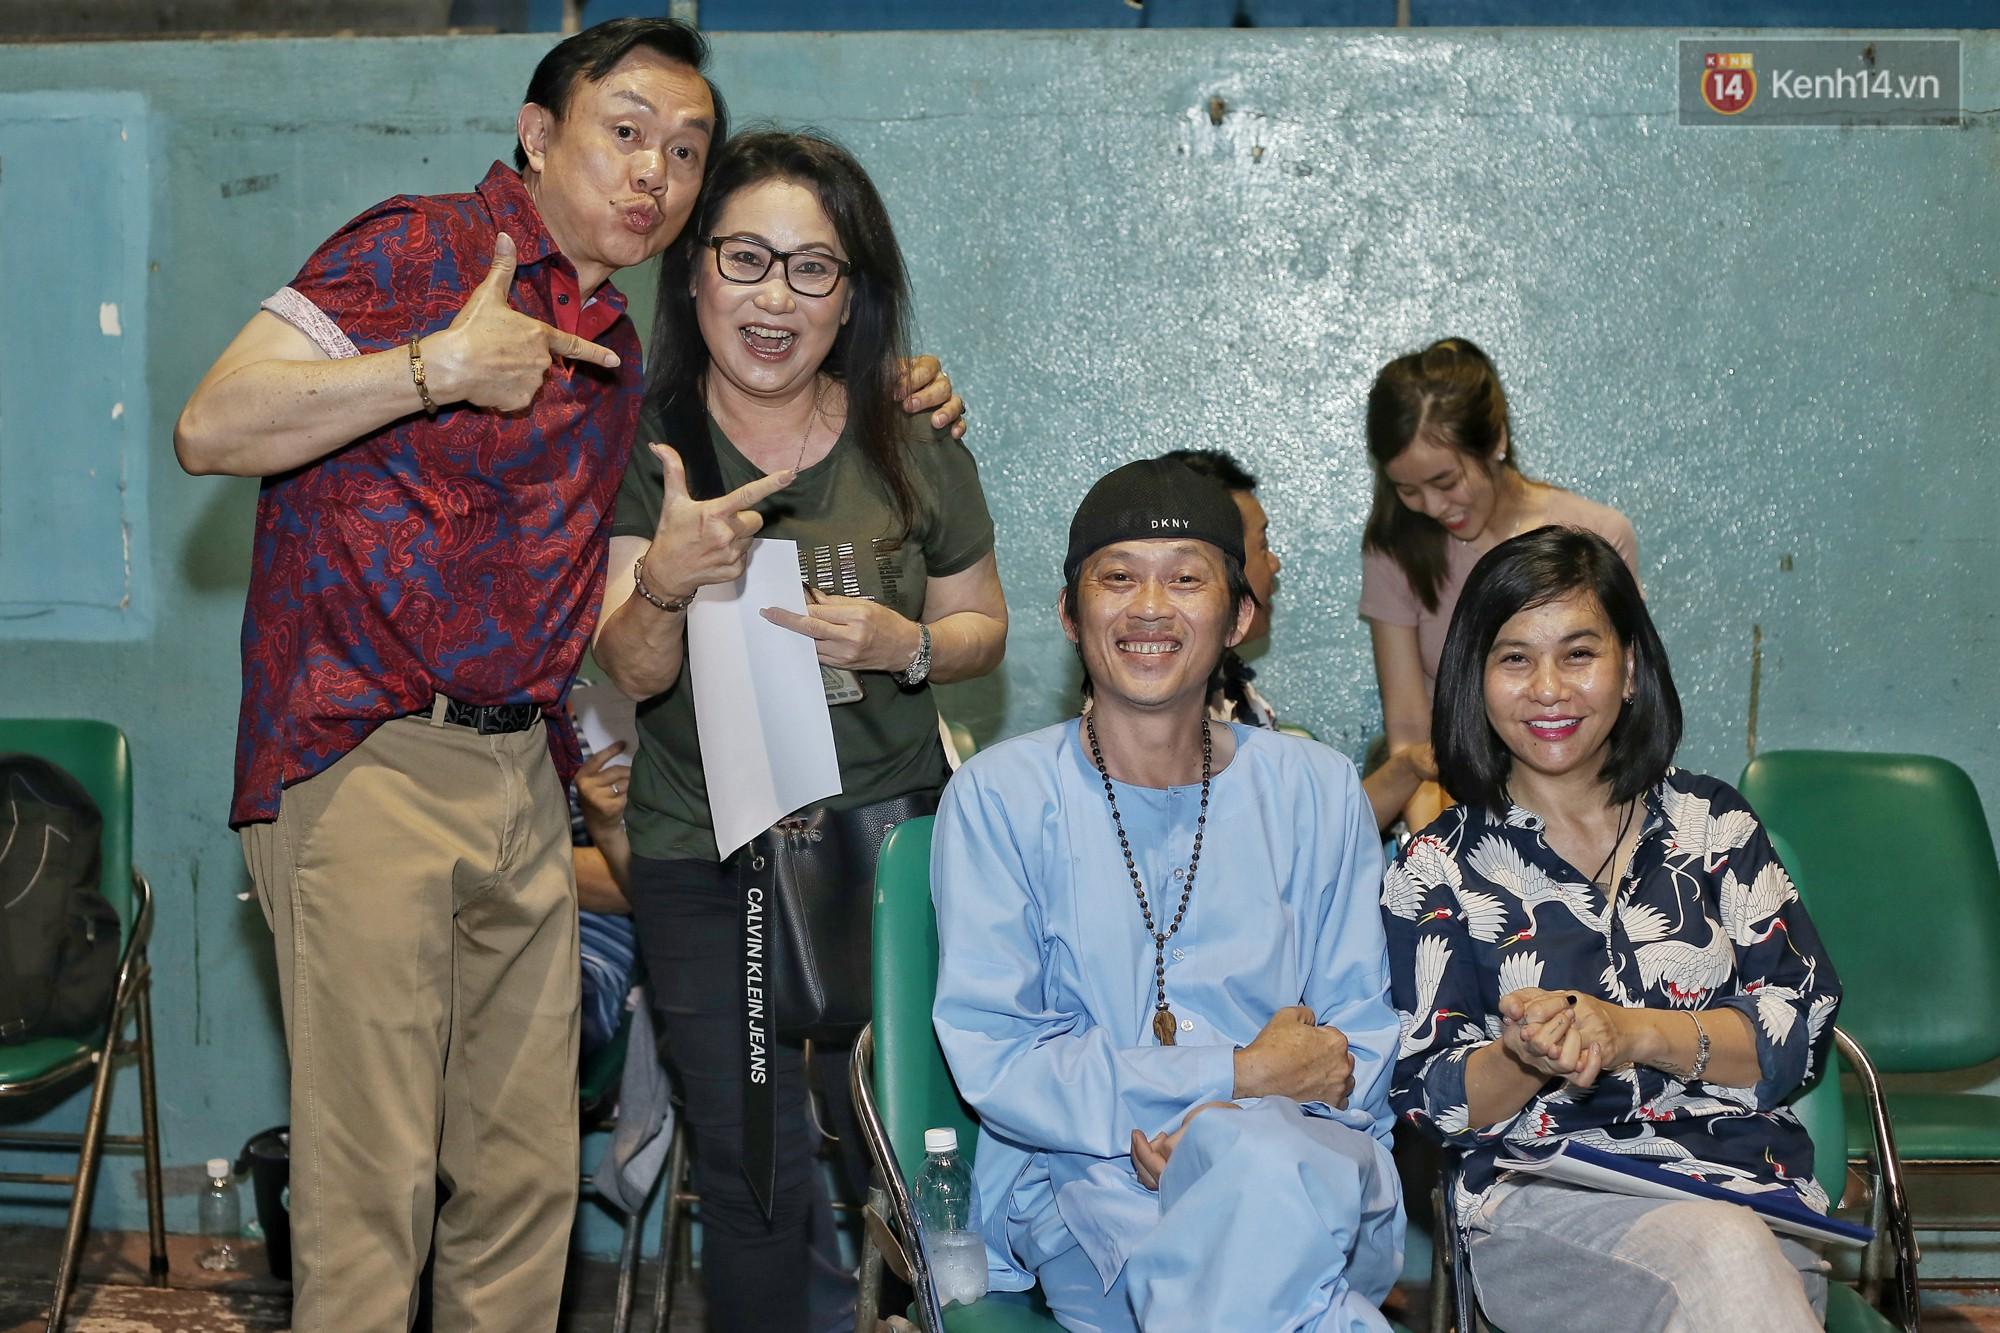 Hoài Lâm chính thức lộ diện sau nửa năm giải nghệ, cùng vợ chồng Khởi My tập luyện trước thềm liveshow Hoài Linh - Ảnh 11.